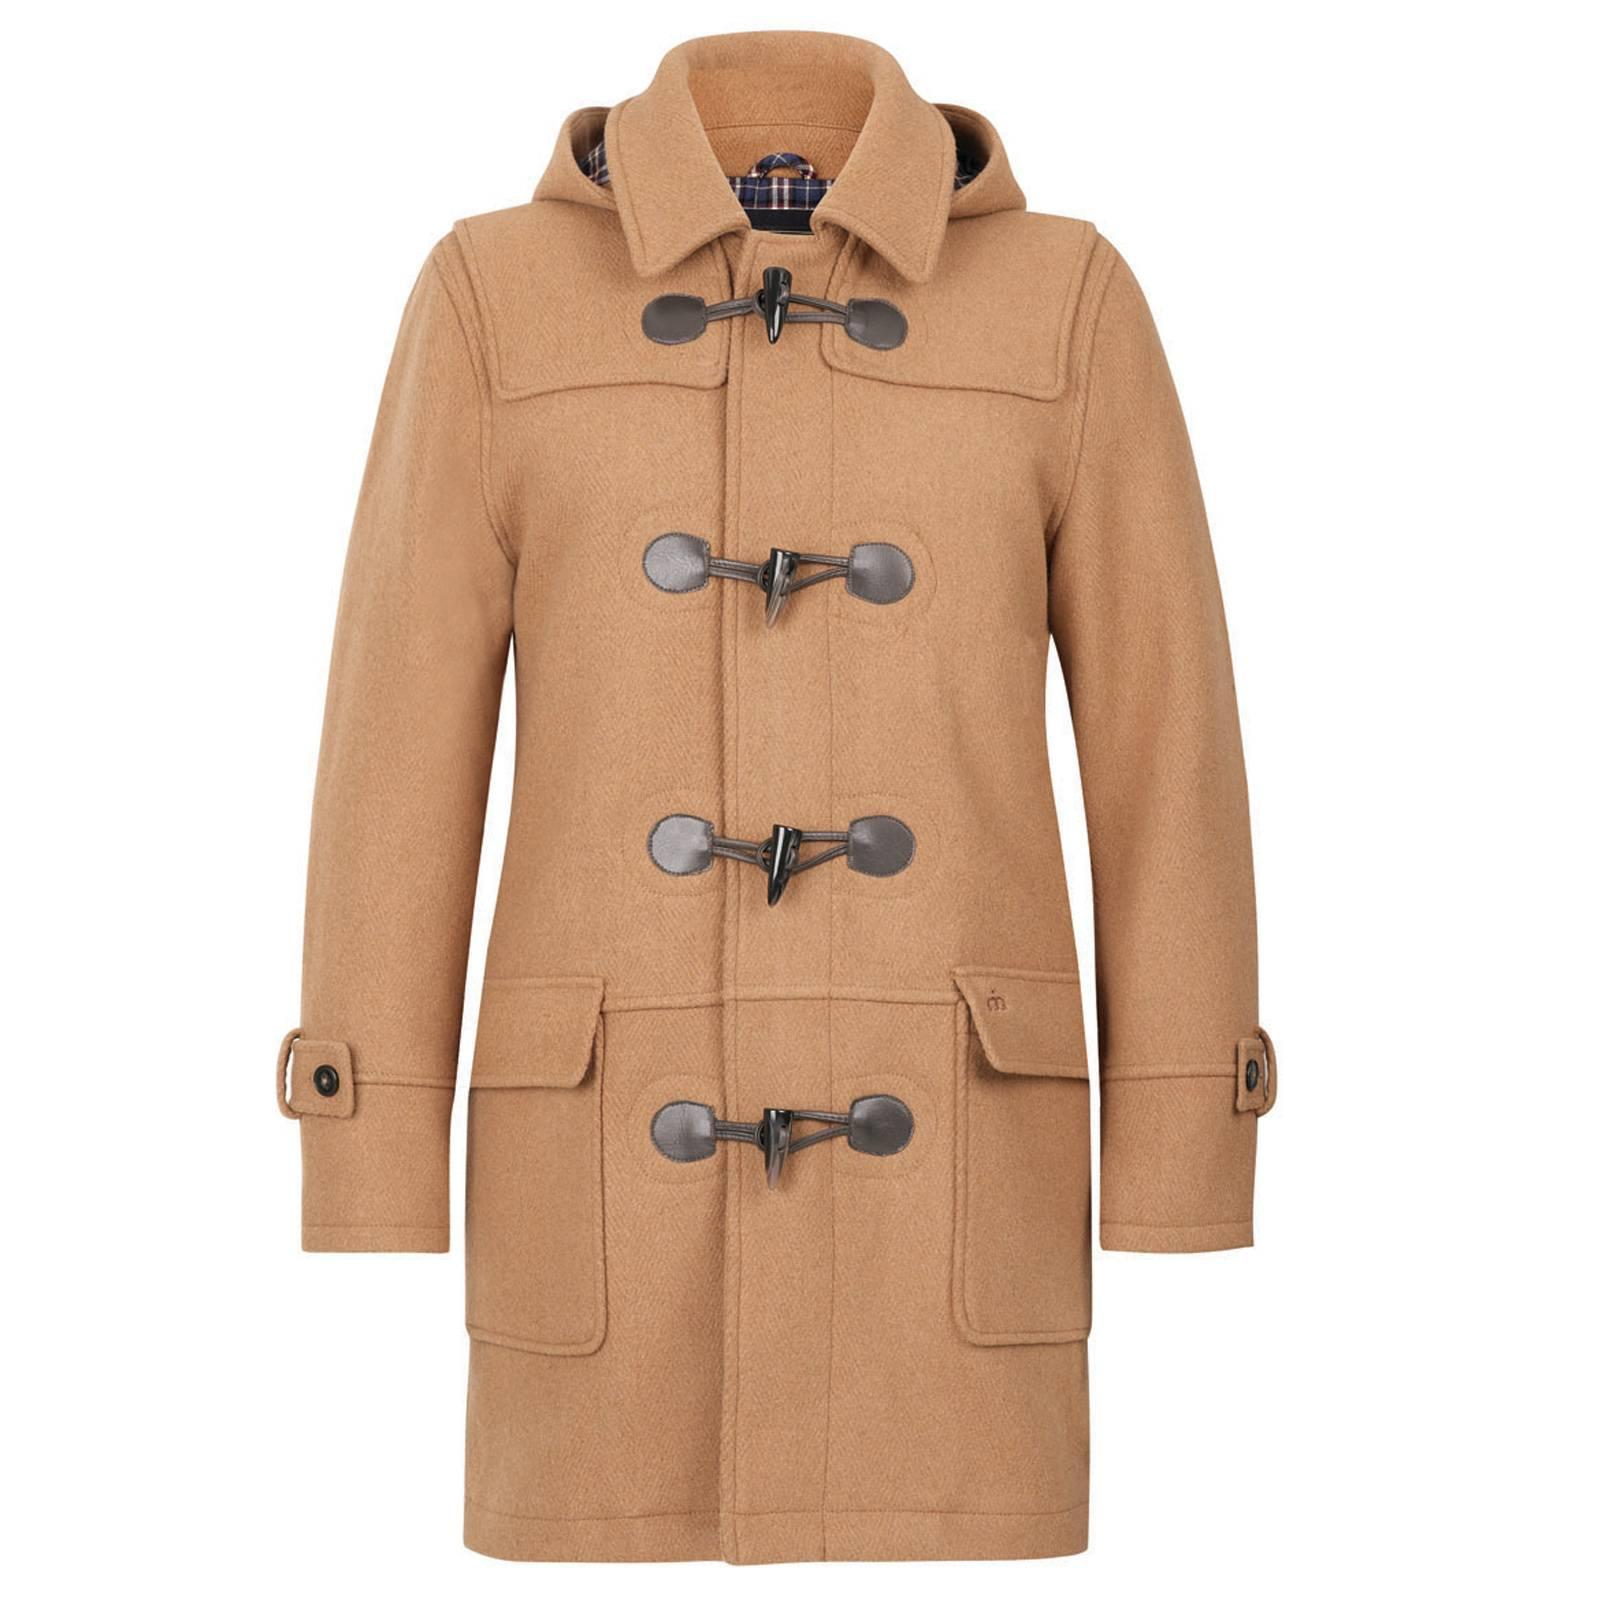 Дафлкот BluefieldДафлкоты<br>Аутентичное пальто-дафлкот прямого силуэта из толстой шерстяной ткани, с отстегивающимся капюшоном и хлопковой подкладкой орнамента &amp;amp;quot;тартан&amp;amp;quot;, выполненный в лучших классических традициях дизайна и производства этой легендарной модели casual гардероба, перекочевавшей в повседневную моду из униформы Британского Королевского флота времен Первой мировой войны. &amp;lt;br /&amp;gt;<br>&amp;lt;br /&amp;gt;<br>Благодаря плотной, сохраняющей тепло основе, выдерживает практически любые морозы, несмотря на отсутствие утеплителя. Его можно носить с джинсами или брюками, одевать поверх костюма на работу или с трикотажем и обувью типа Desert Boots. Непромокаемый и непродуваемый дафлкот Merc прослужит вам верой и правдой долгие годы.&amp;lt;br /&amp;gt;<br>&amp;lt;br /&amp;gt;<br>Об истории дафлкота мы рассказали в Блоге.<br><br>Артикул: 1112201<br>Материал: 70% шерсть 30% нейлон<br>Цвет: верблюжий<br>Пол: Мужской